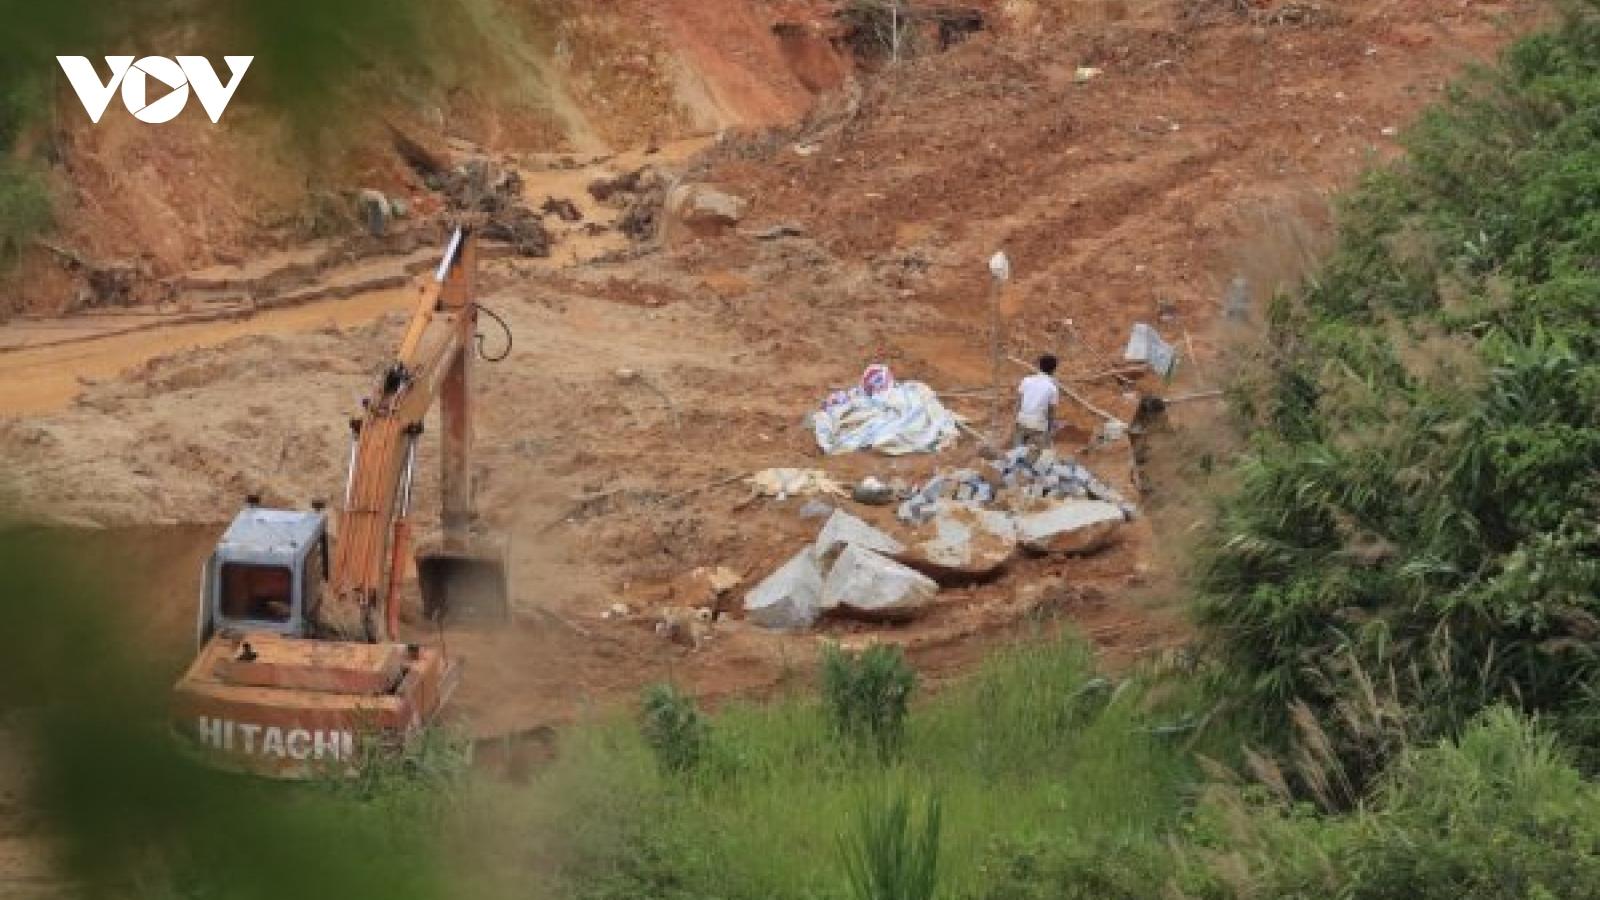 Xẻ núi, khoét đồi, khai thác khoáng sản trái phép giữa đại dịch Covid-19